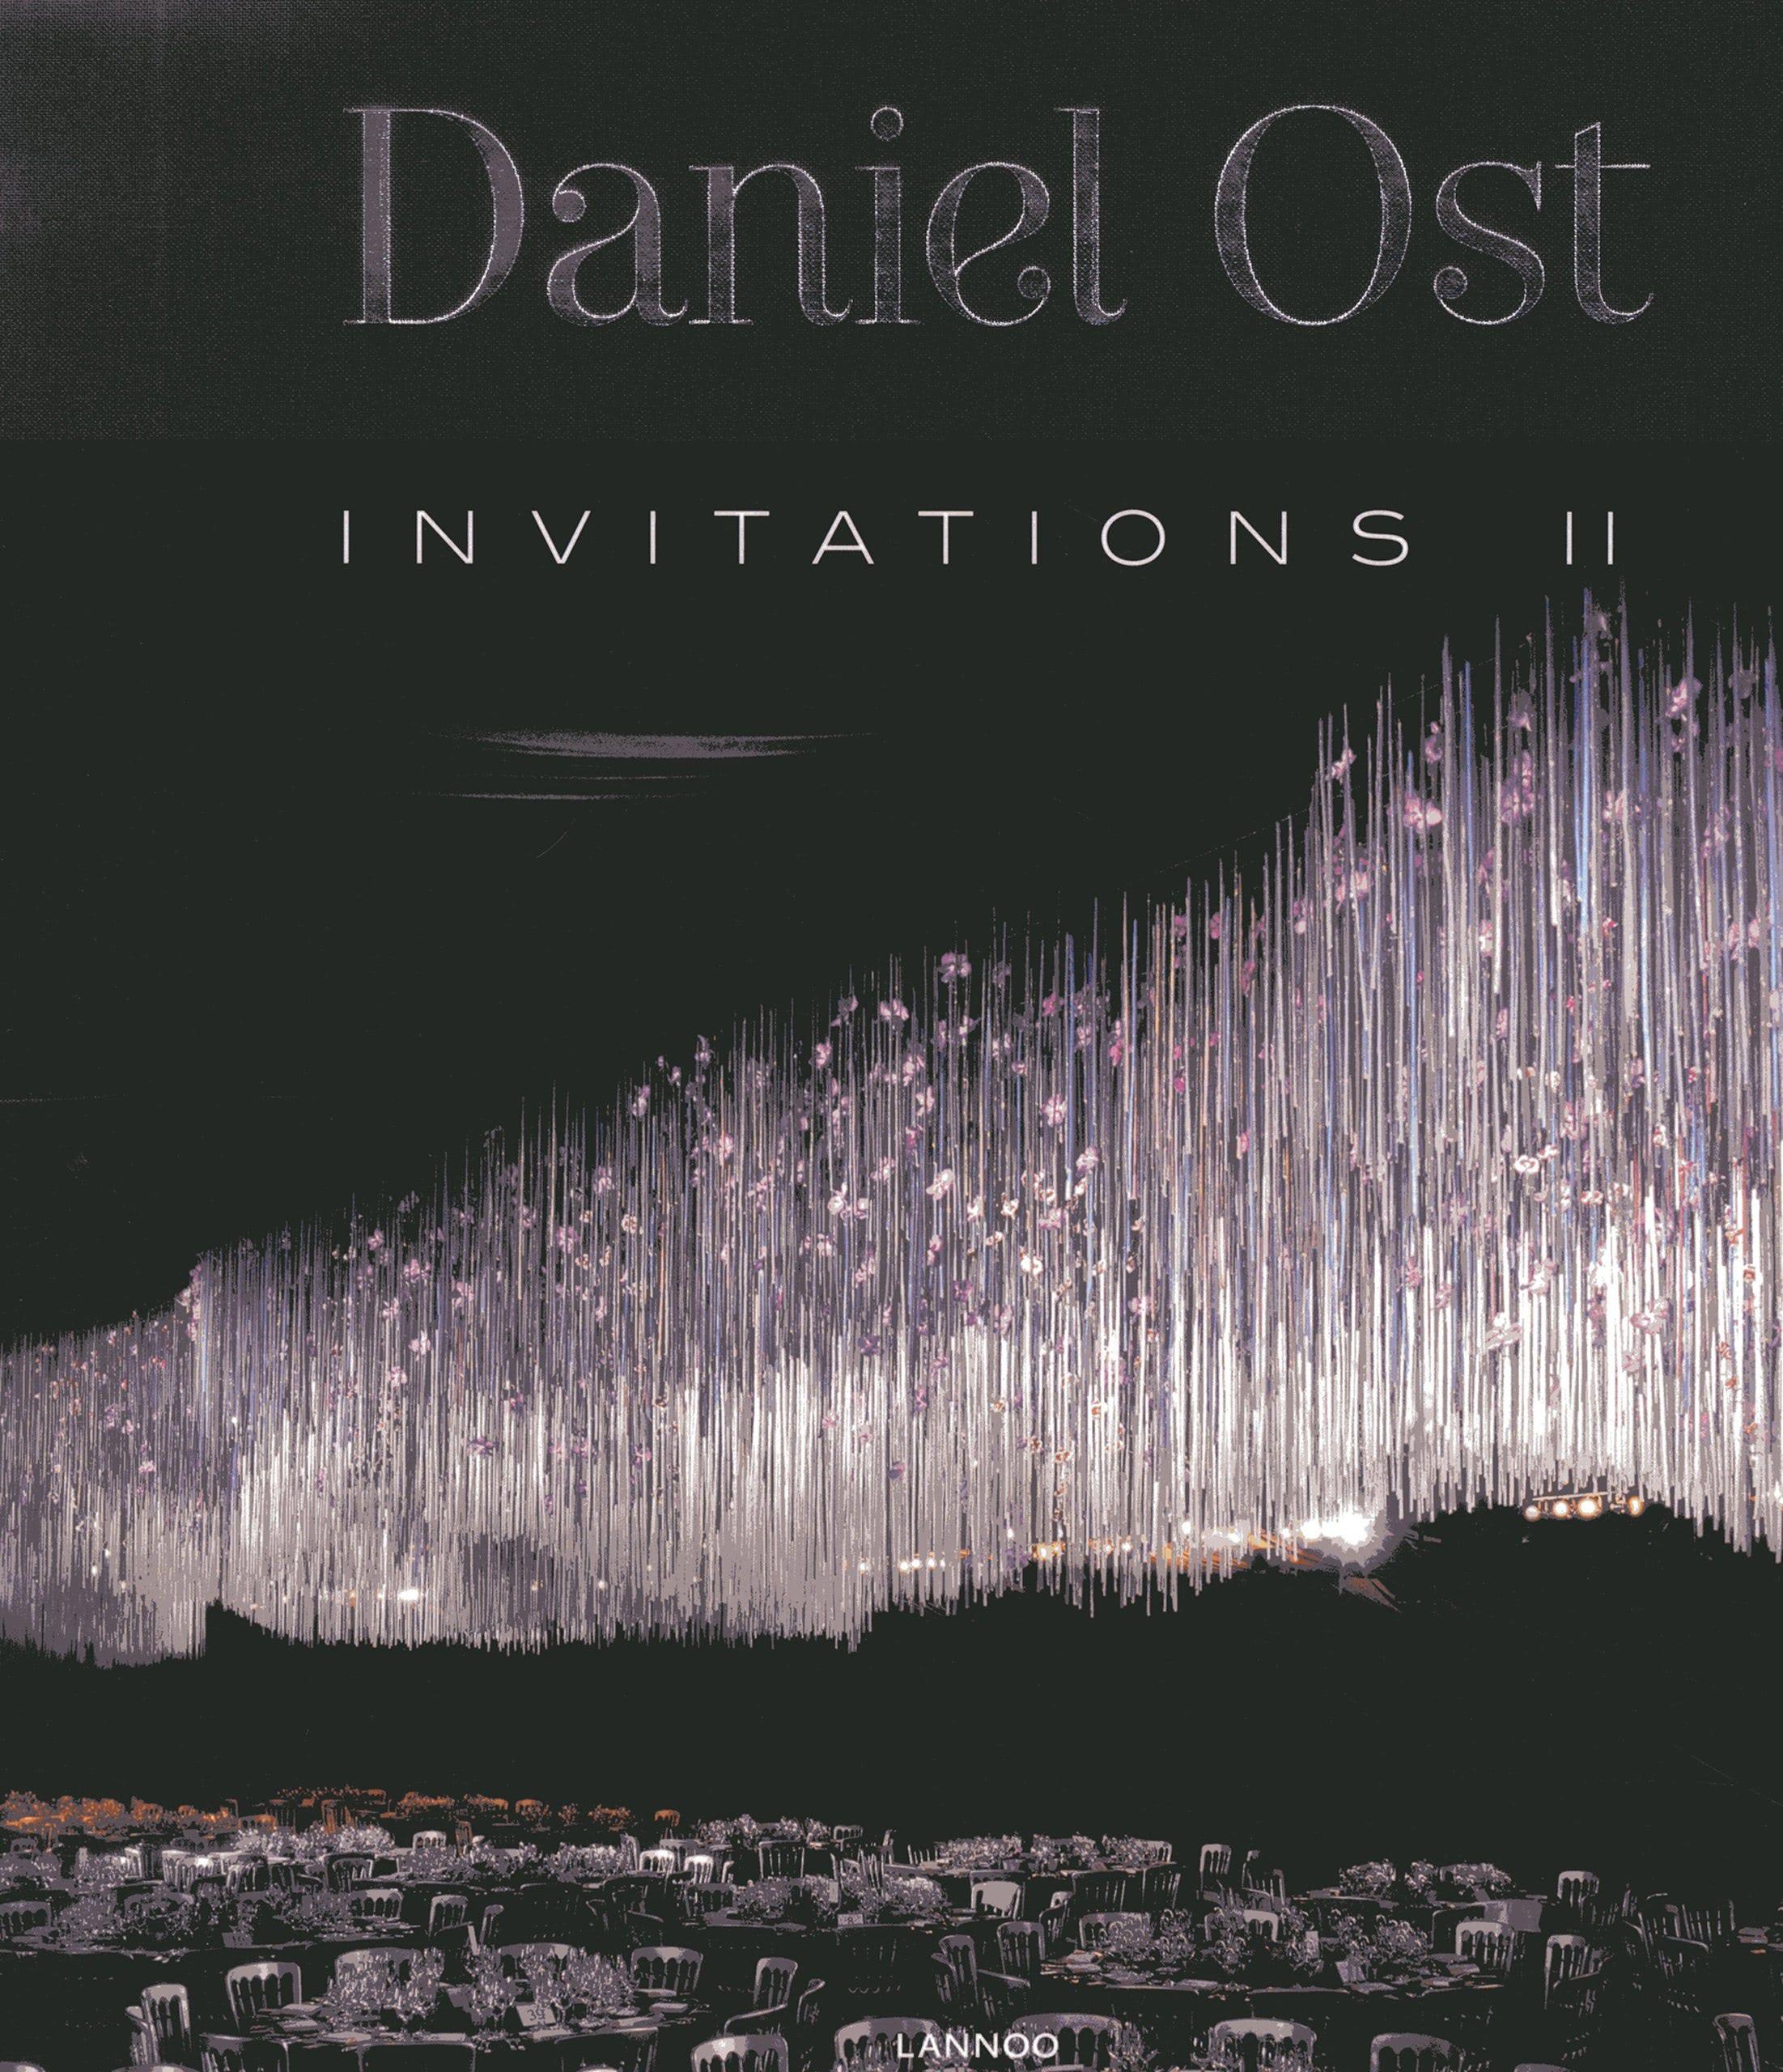 Invitations 2: Daniel Ost by Daniel Ost